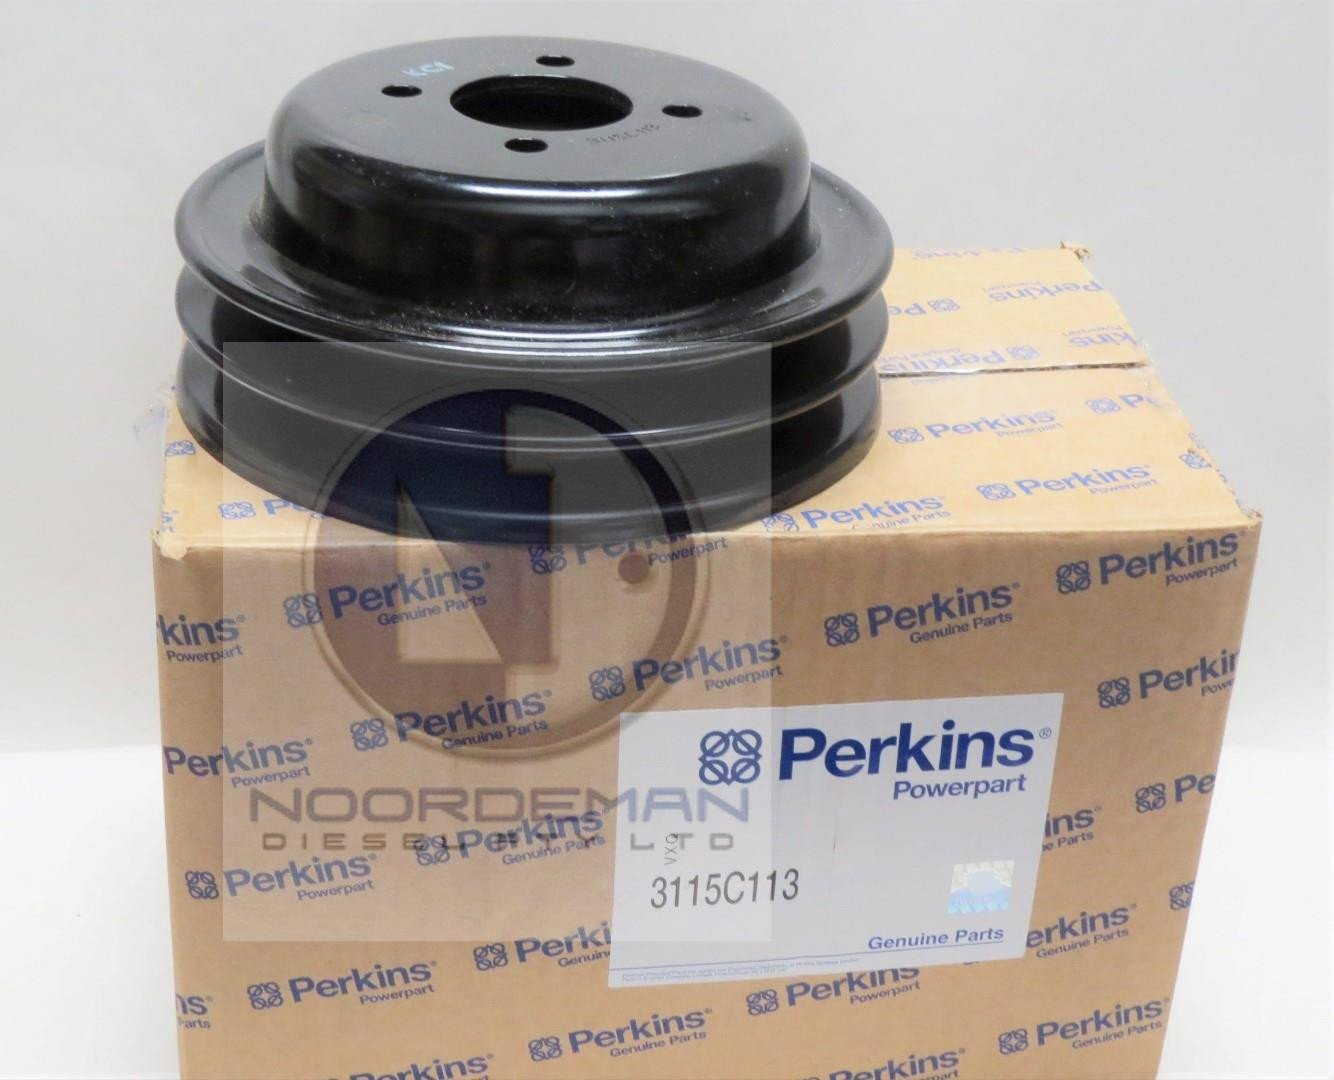 3115C113 Perkins Water Pump Pulley